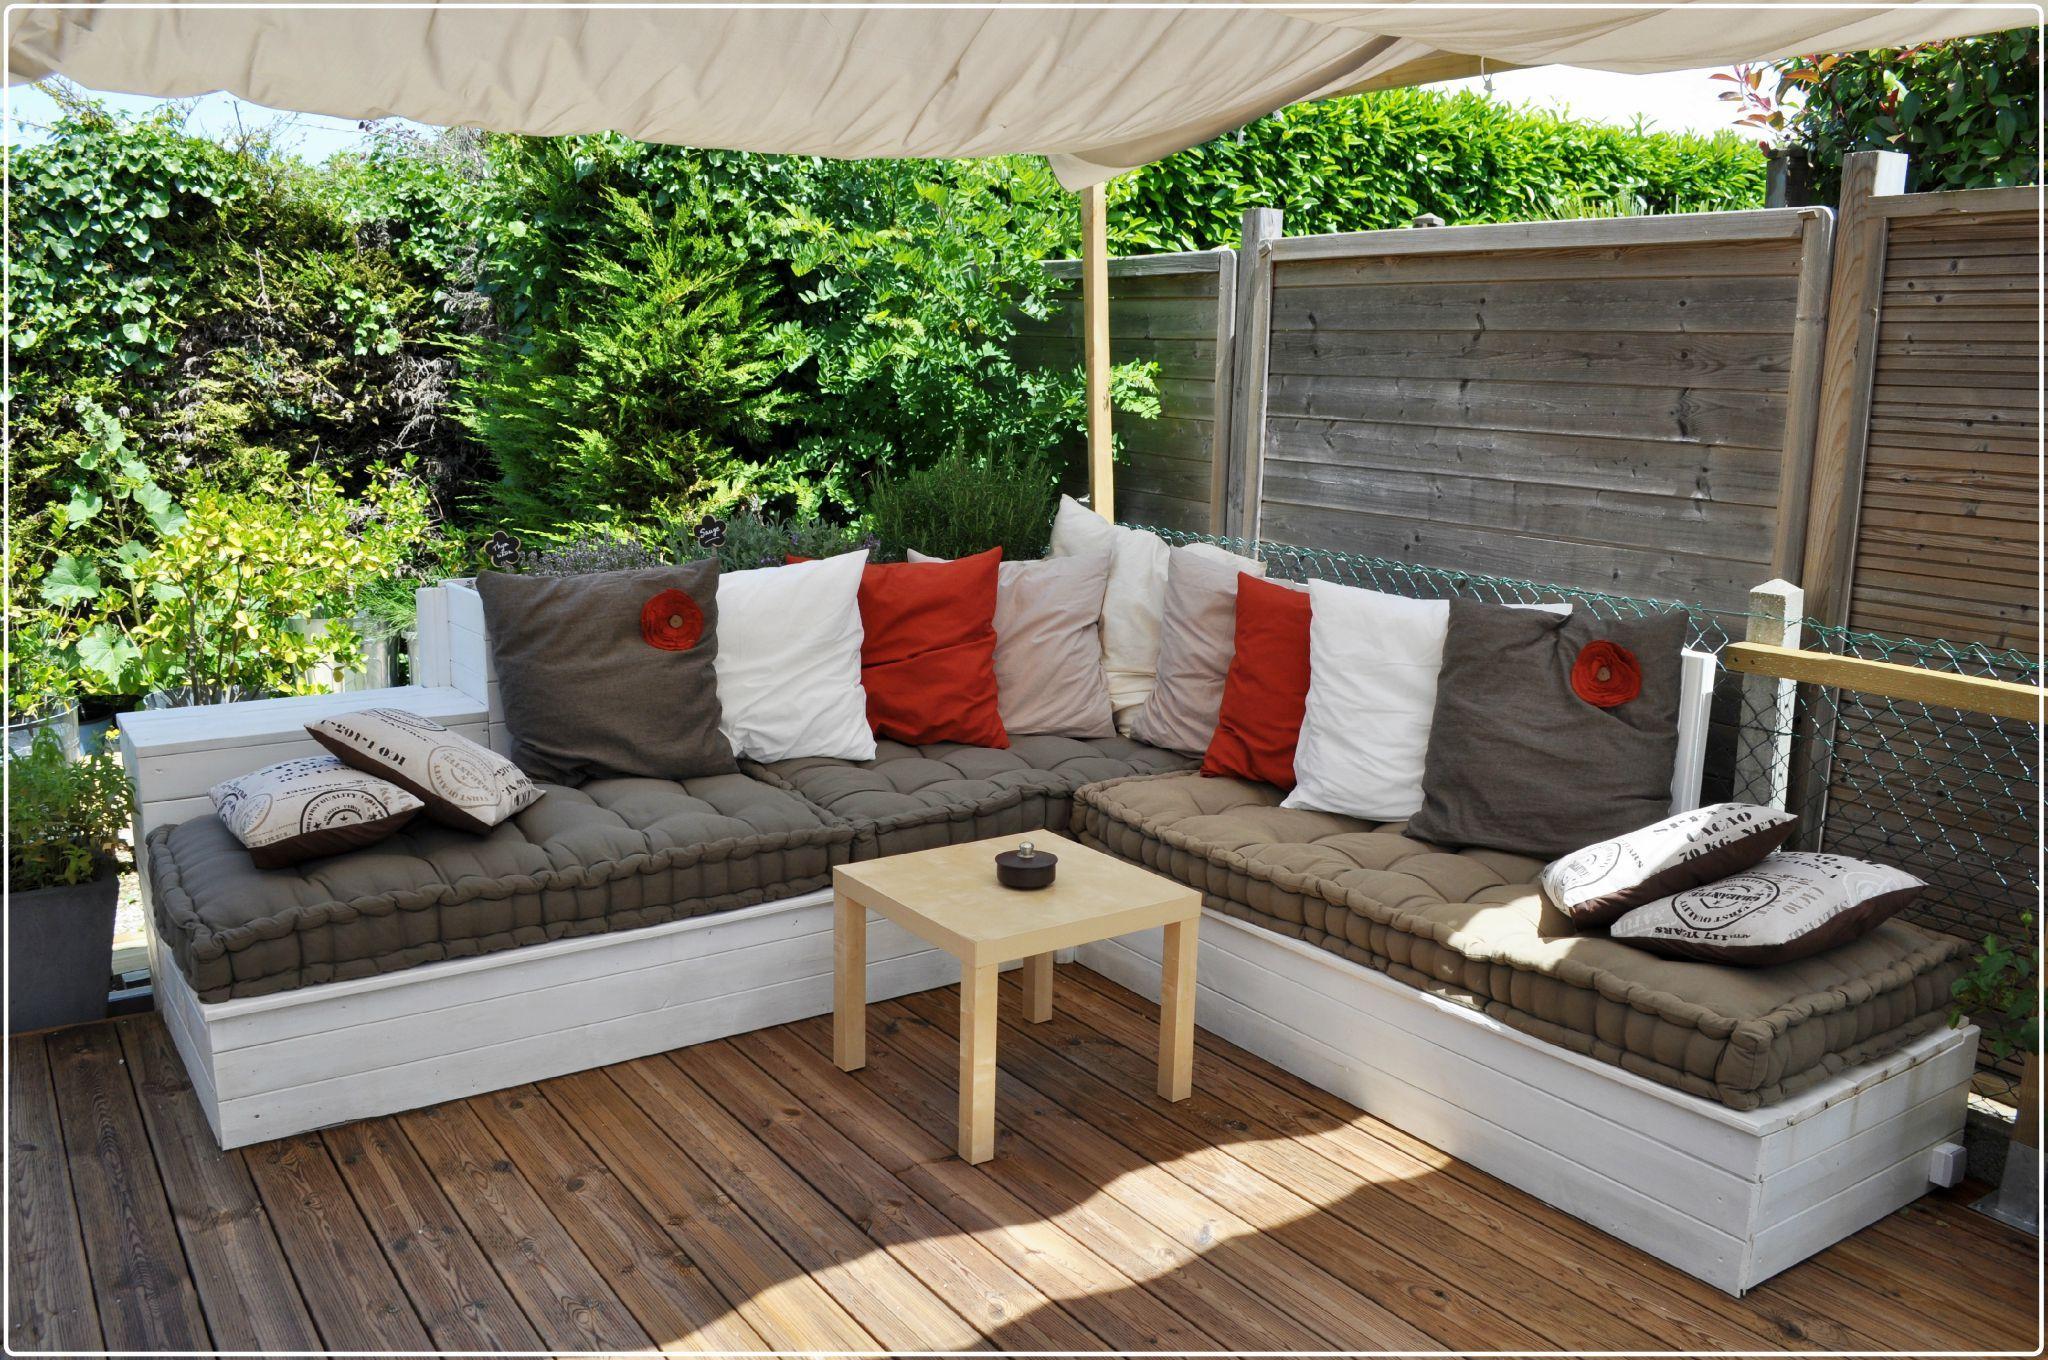 Salon De Jardin, Canapé D'angle Extérieur En Bois | Coin ... pour Canapé D Angle De Jardin